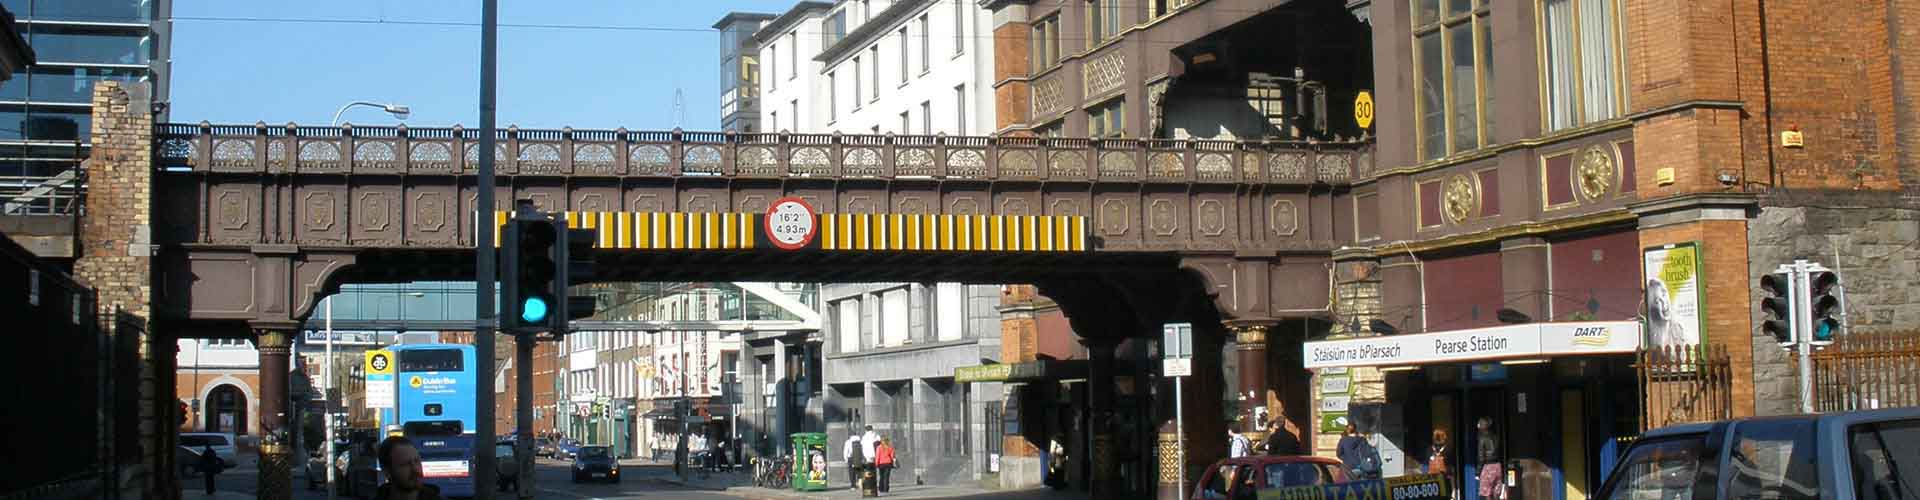 Dublín - Habitaciones cerca a Dublin Pearse la estación de tren. Mapas de Dublín, Fotos y comentarios de cada Habitación en Dublín.